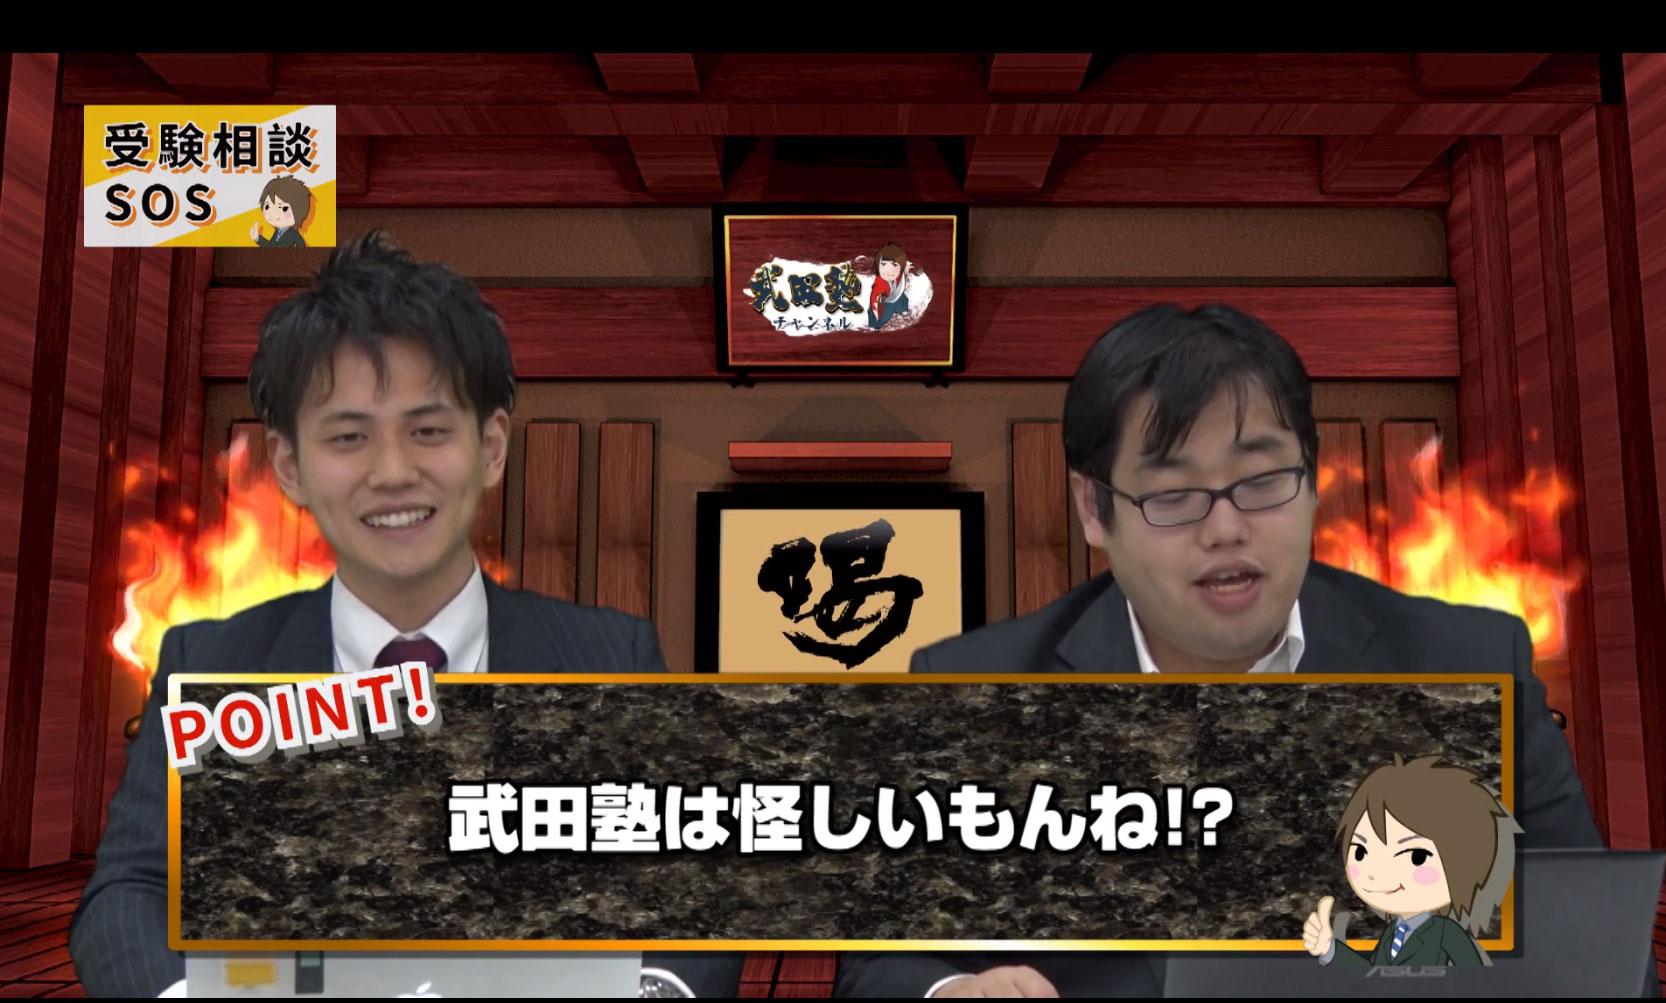 「武田塾は怪しいもんね!?」